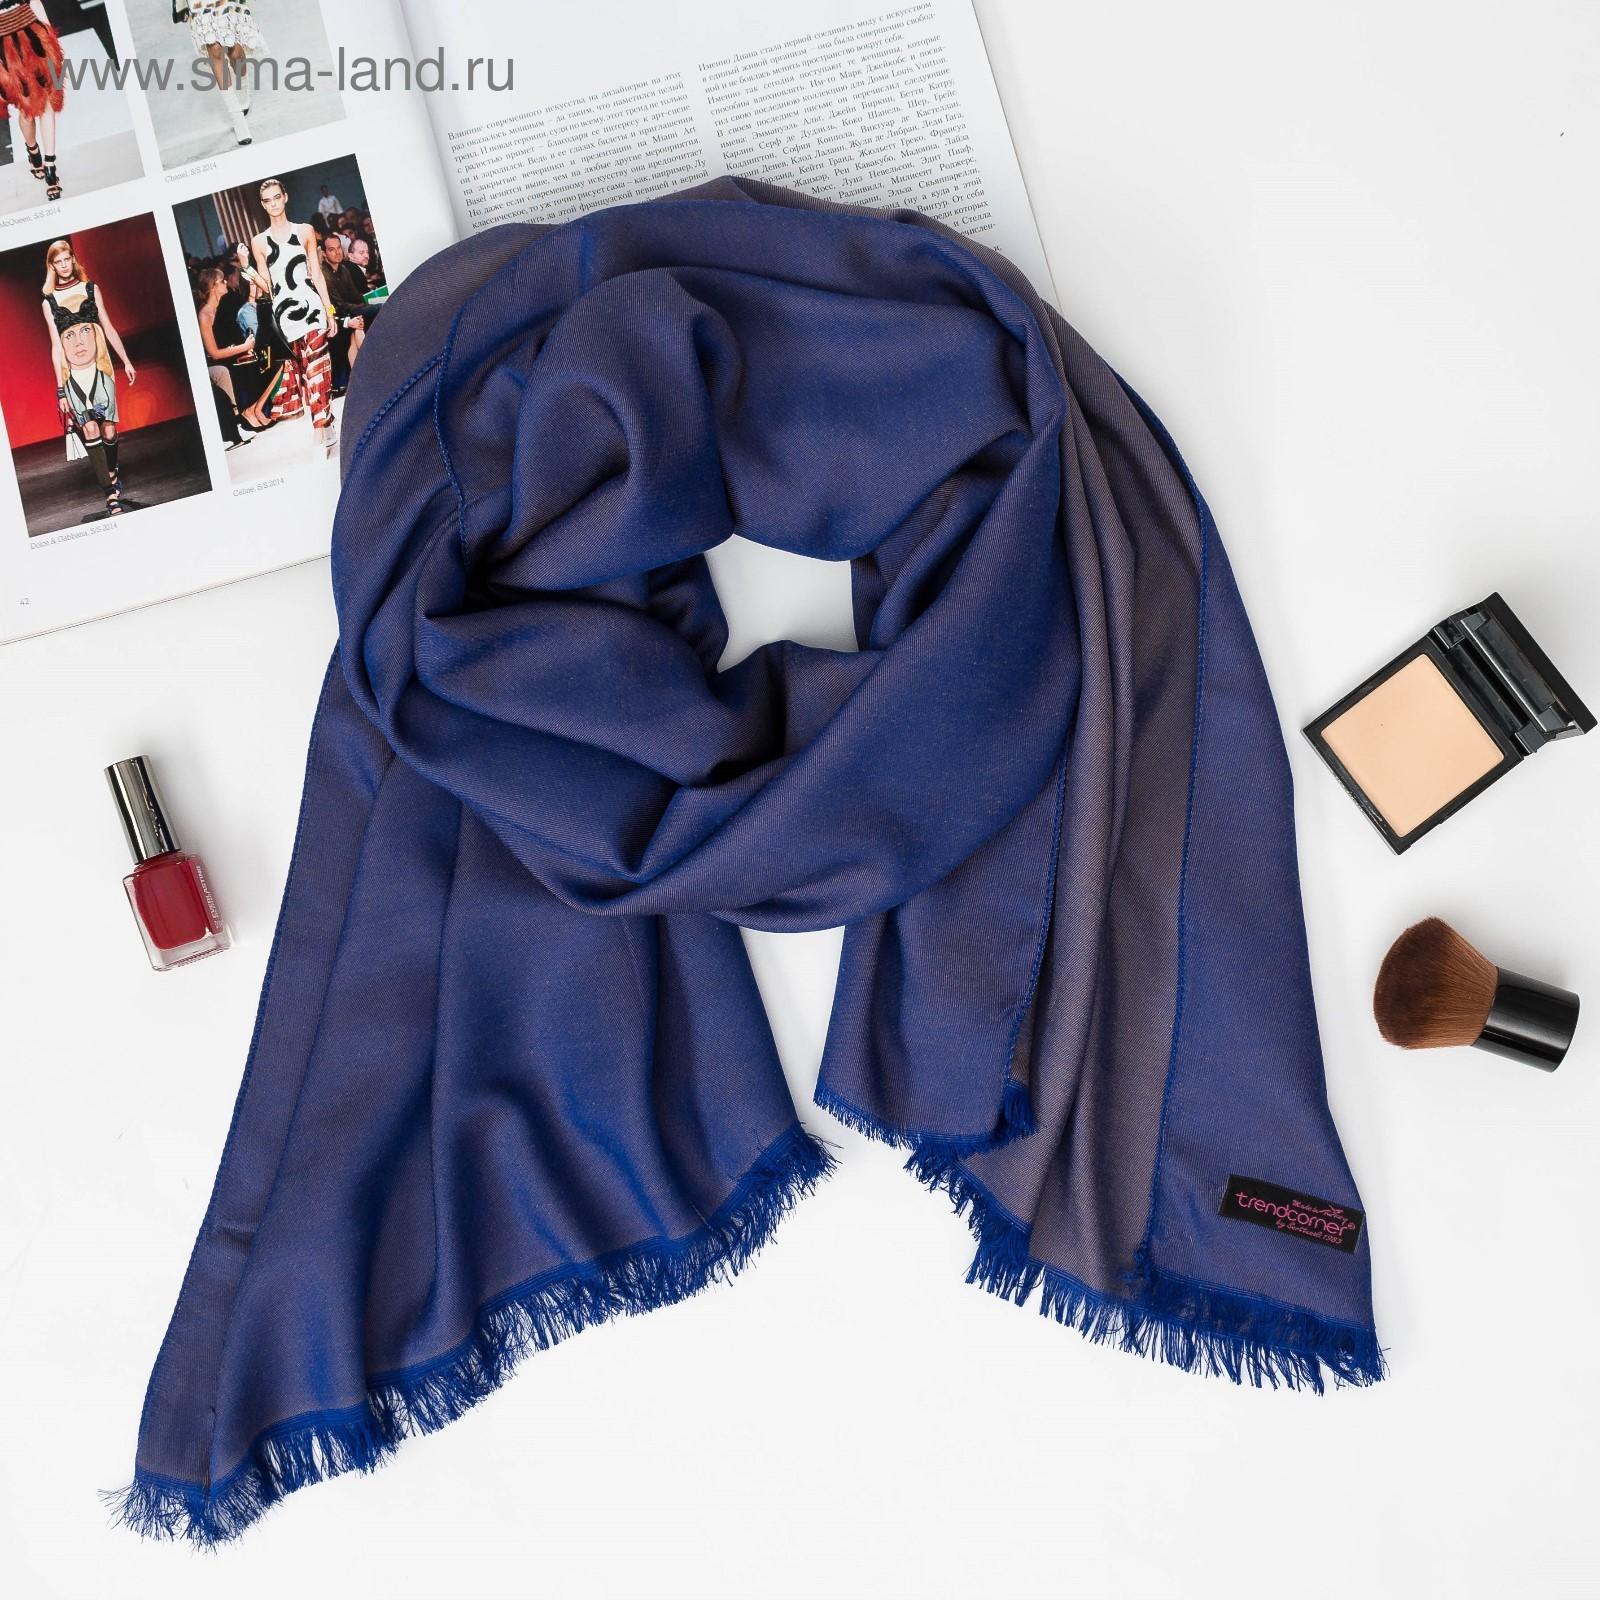 Шарф женский, размер 70х180 см, цвет темно-синий (2127013) - Купить ... 2097a8180e9